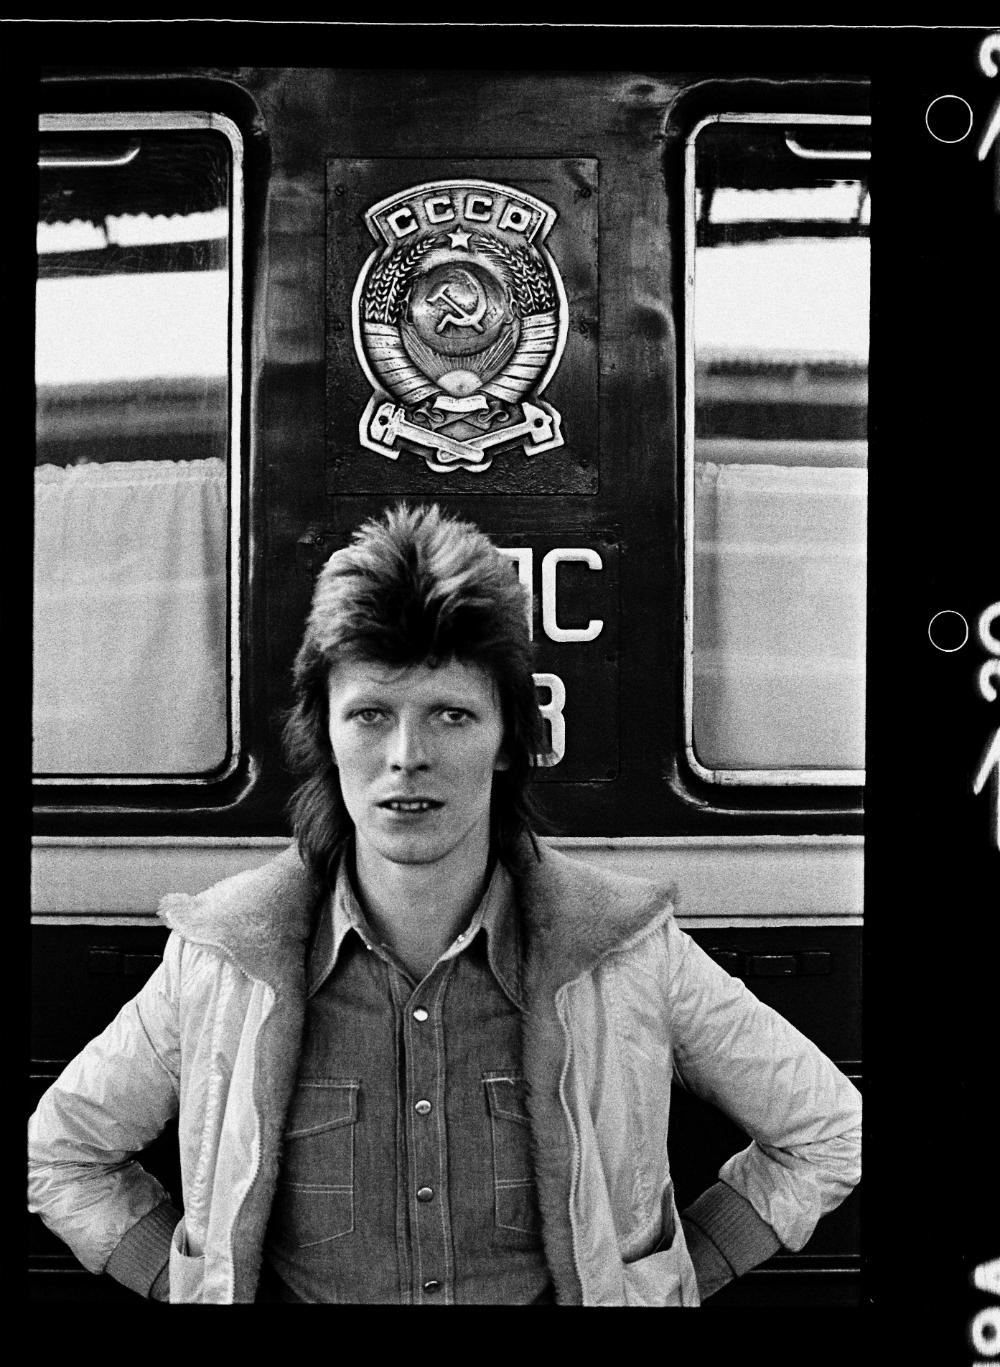 Si dice che David Bowie soffrisse di aerofobia e ciò spiegherebbe la sua scelta di viaggiare in nave e in treno. In ogni caso, non si sa con certezza in quale località esatta salì a bordo del treno sulla linea Vladivostok-Mosca